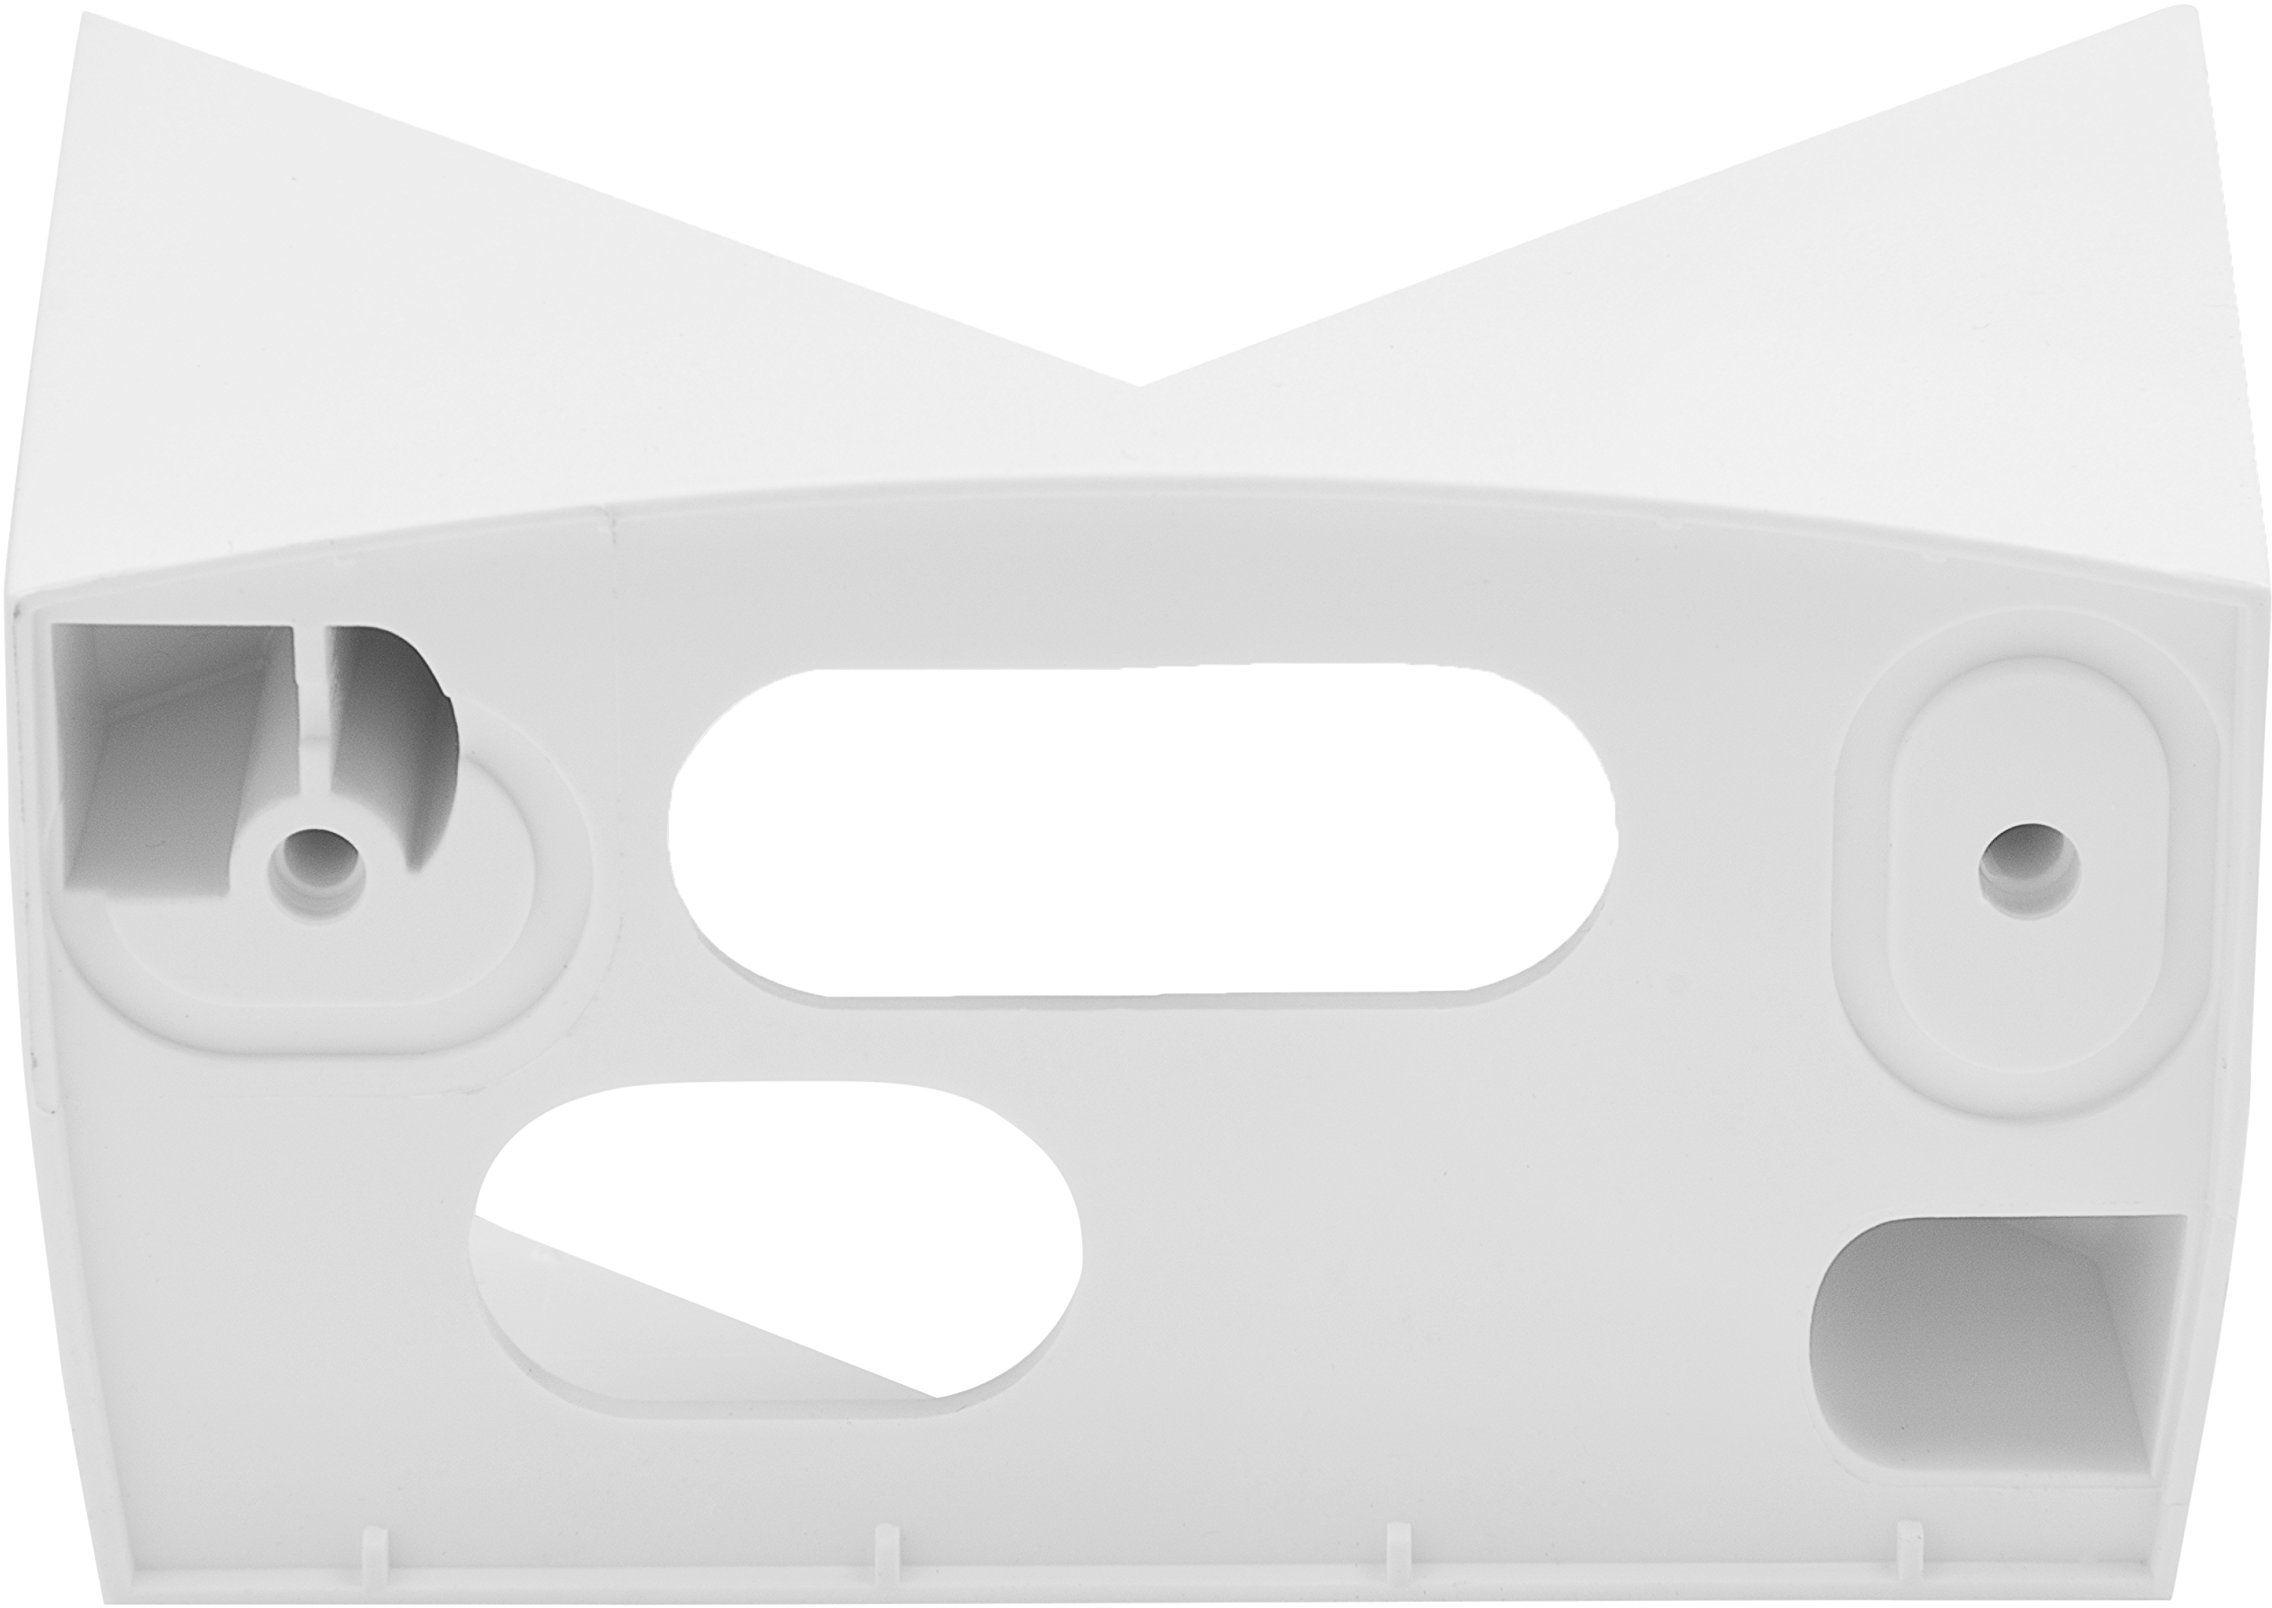 Steinel Uchwyt ścienny narożny EWH 07 biały, do czujnika ruchu na podczerwień IS 140-2, adapter do szybkiego montażu na zewnętrznych narożnikach